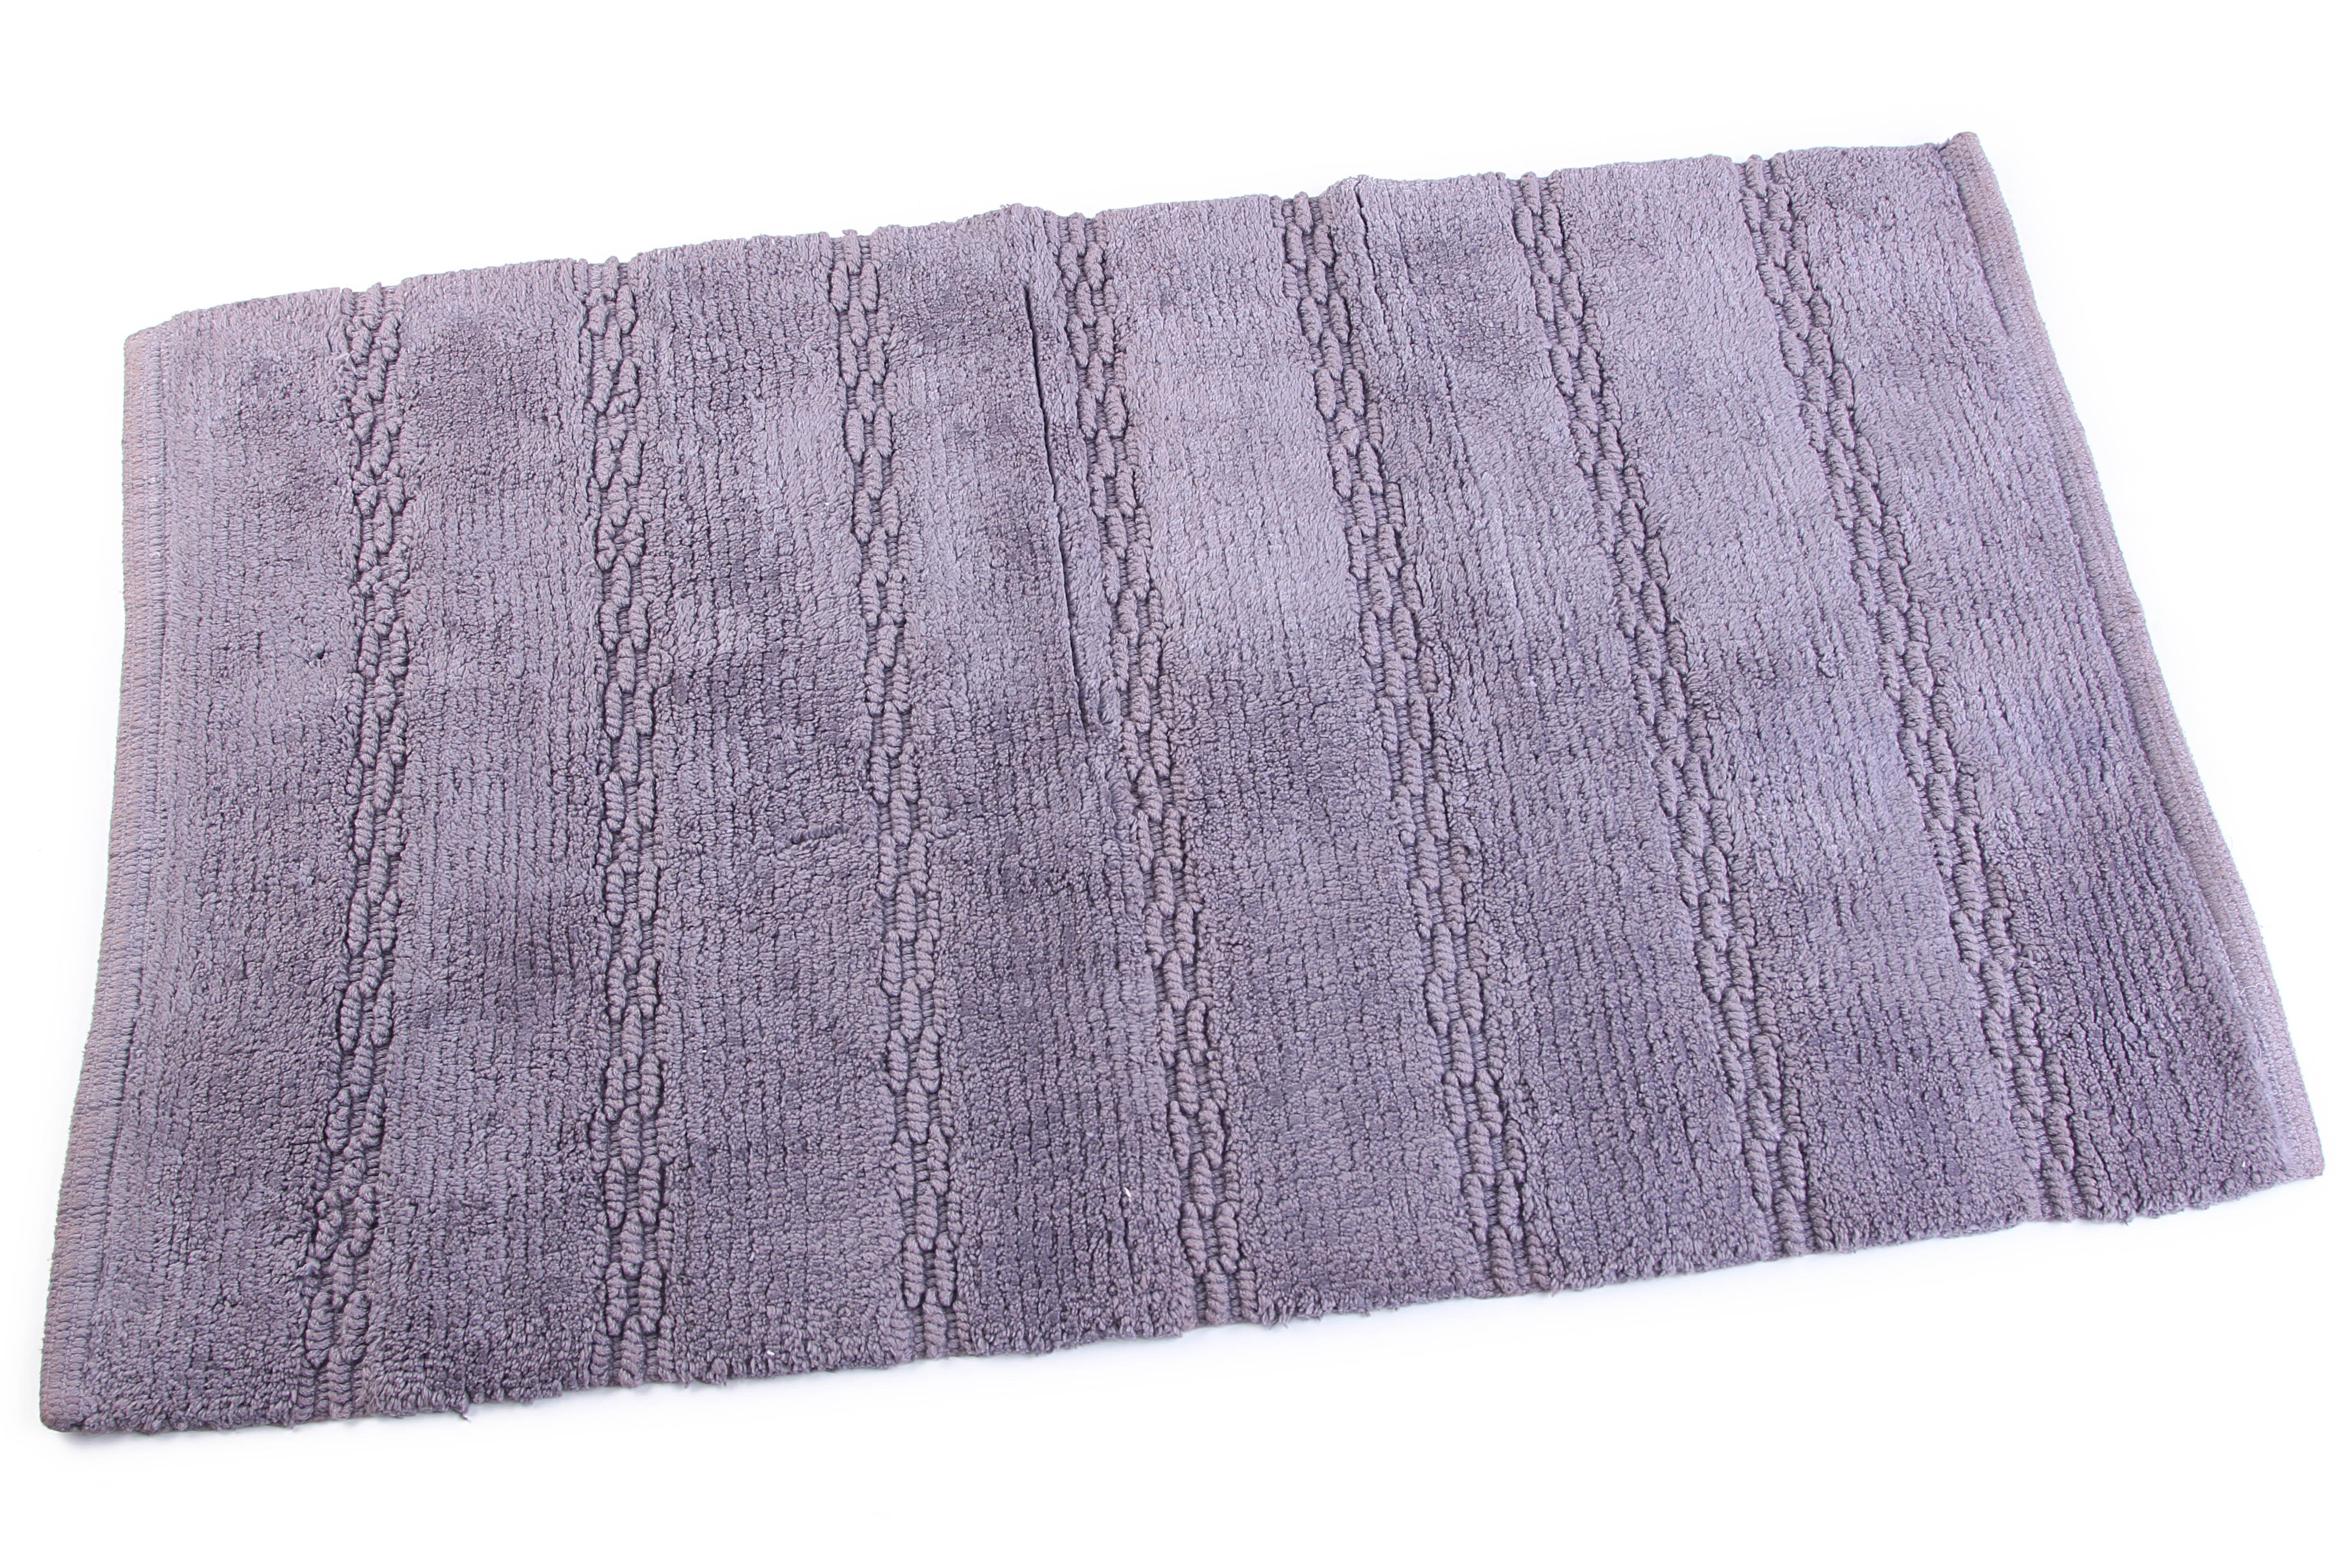 Аксессуары для ванной и туалета Ганг Коврик для ванной Cohen Цвет: Сиреневый (50х80 см) коврик для ванной арти м 50х80 см розанна